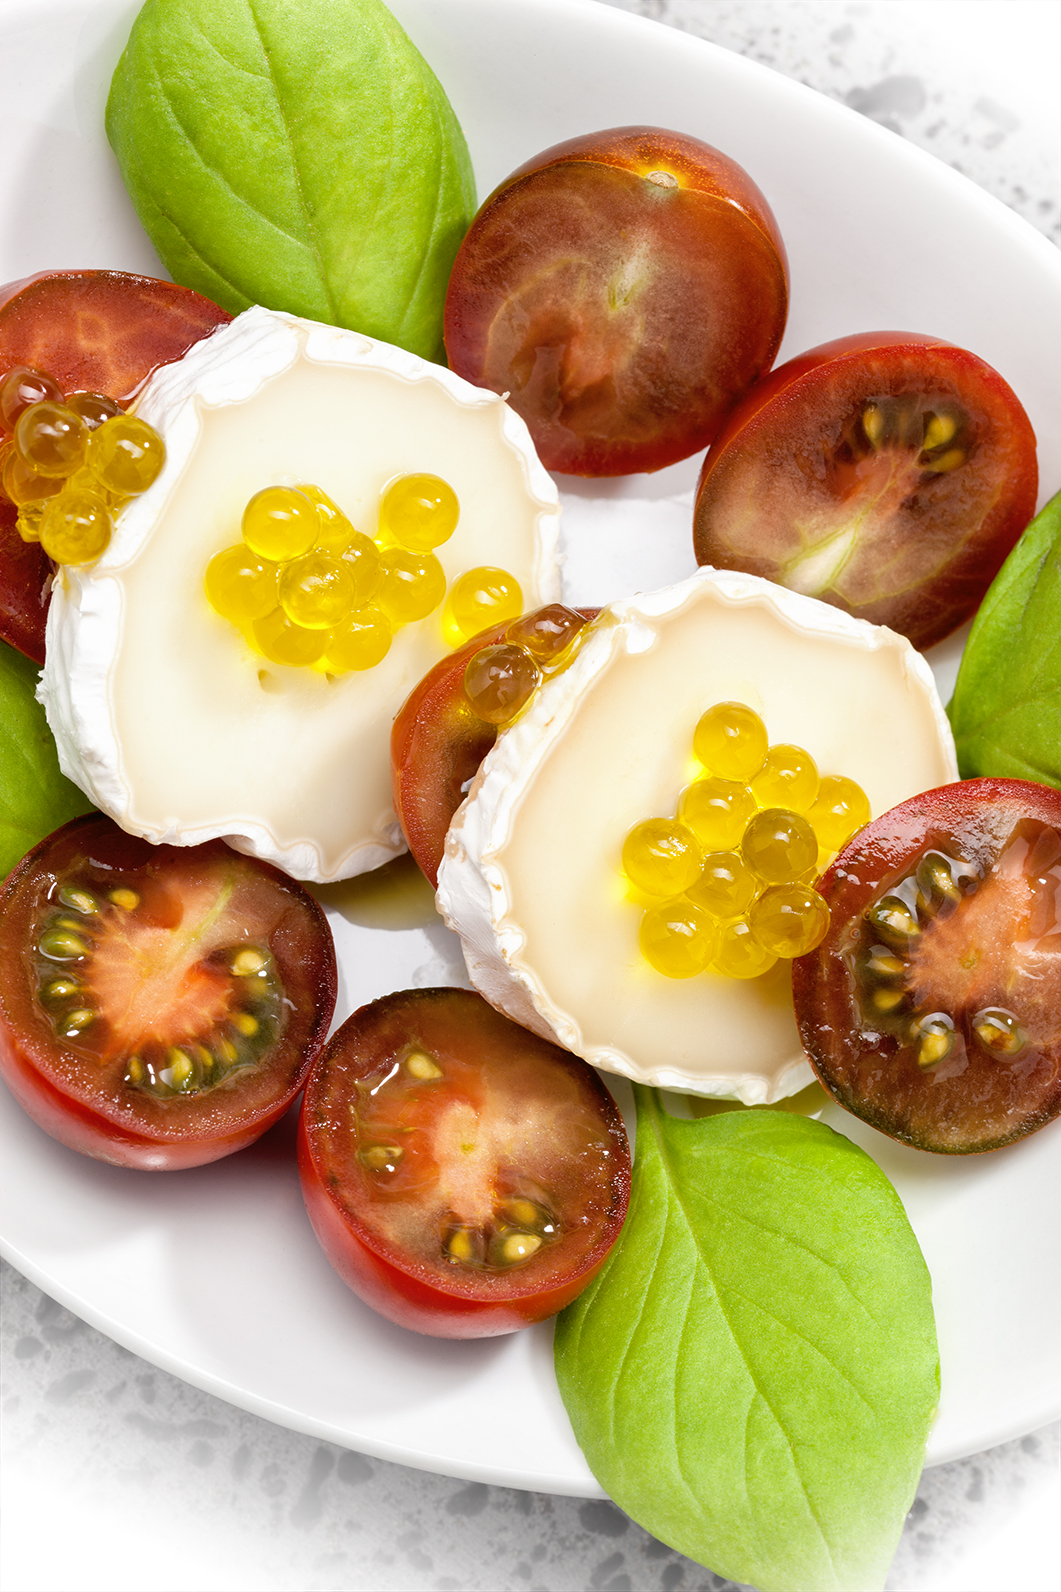 ensalada con esferas de aceite de oliva 900